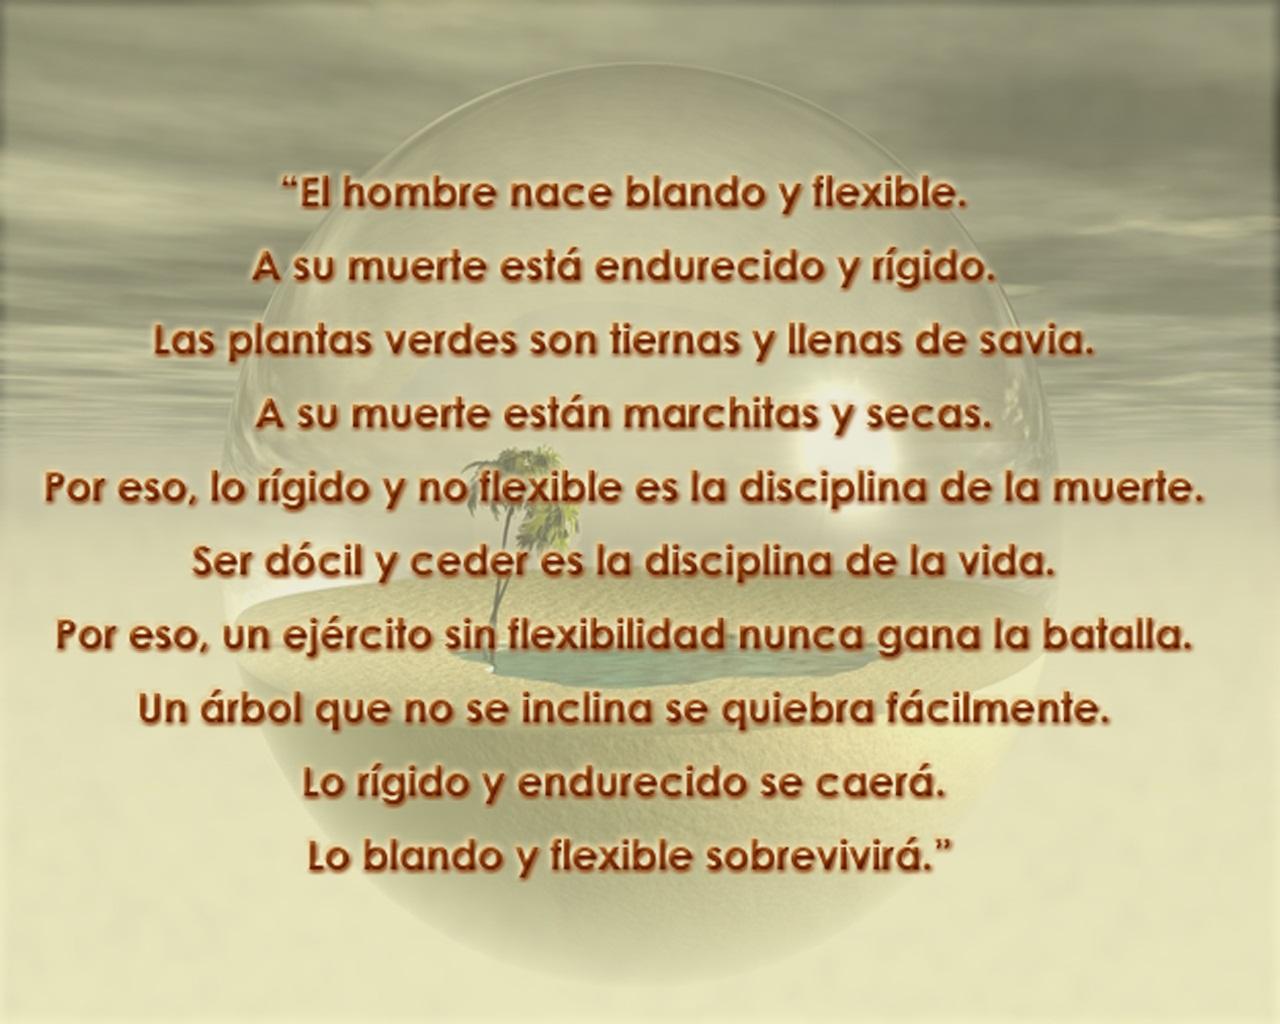 <h2>Nosotros</h2>